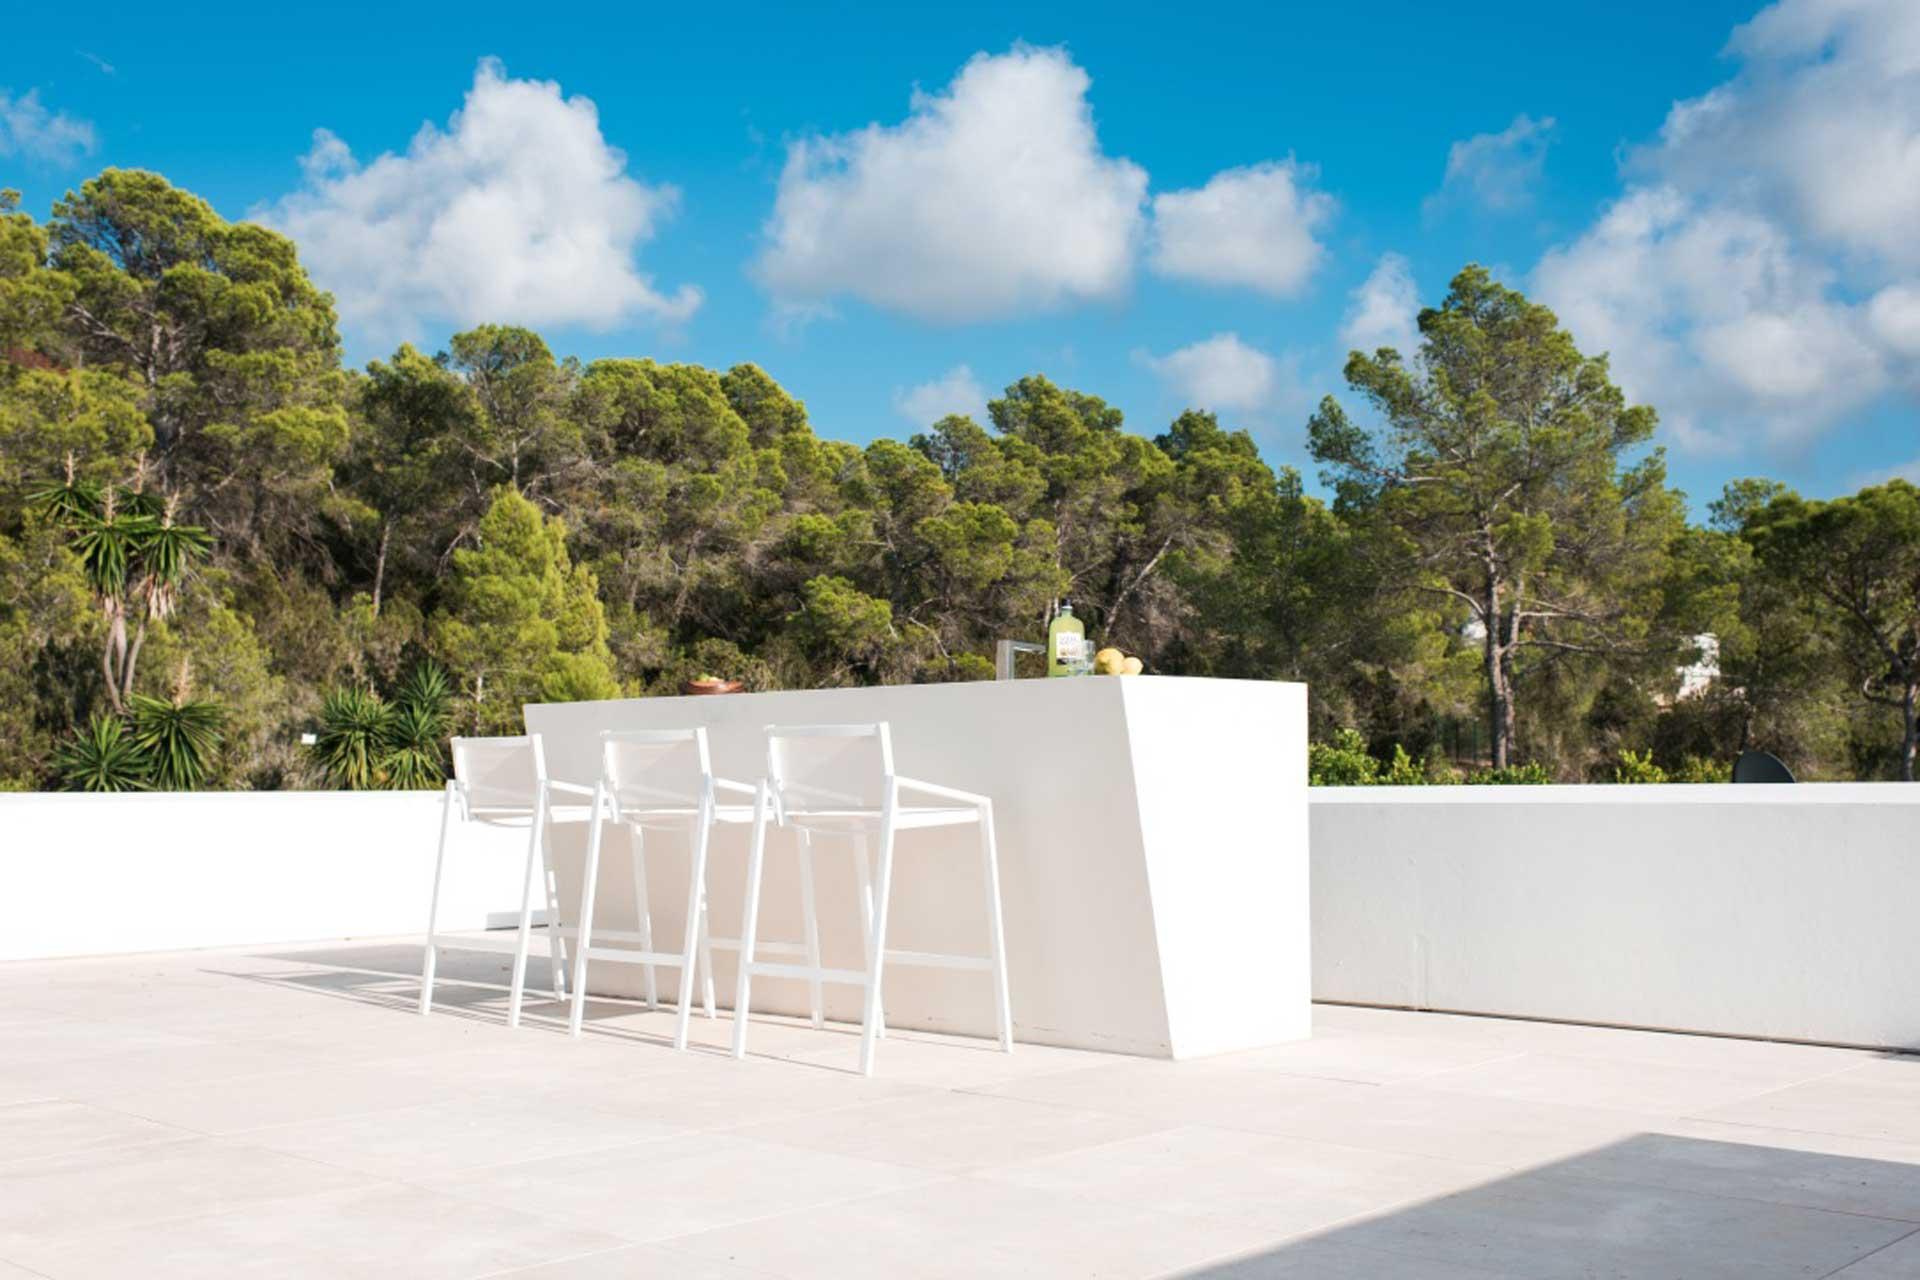 Villa CVilla CA Ibiza - Dachterrasse mit BarA Ibiza